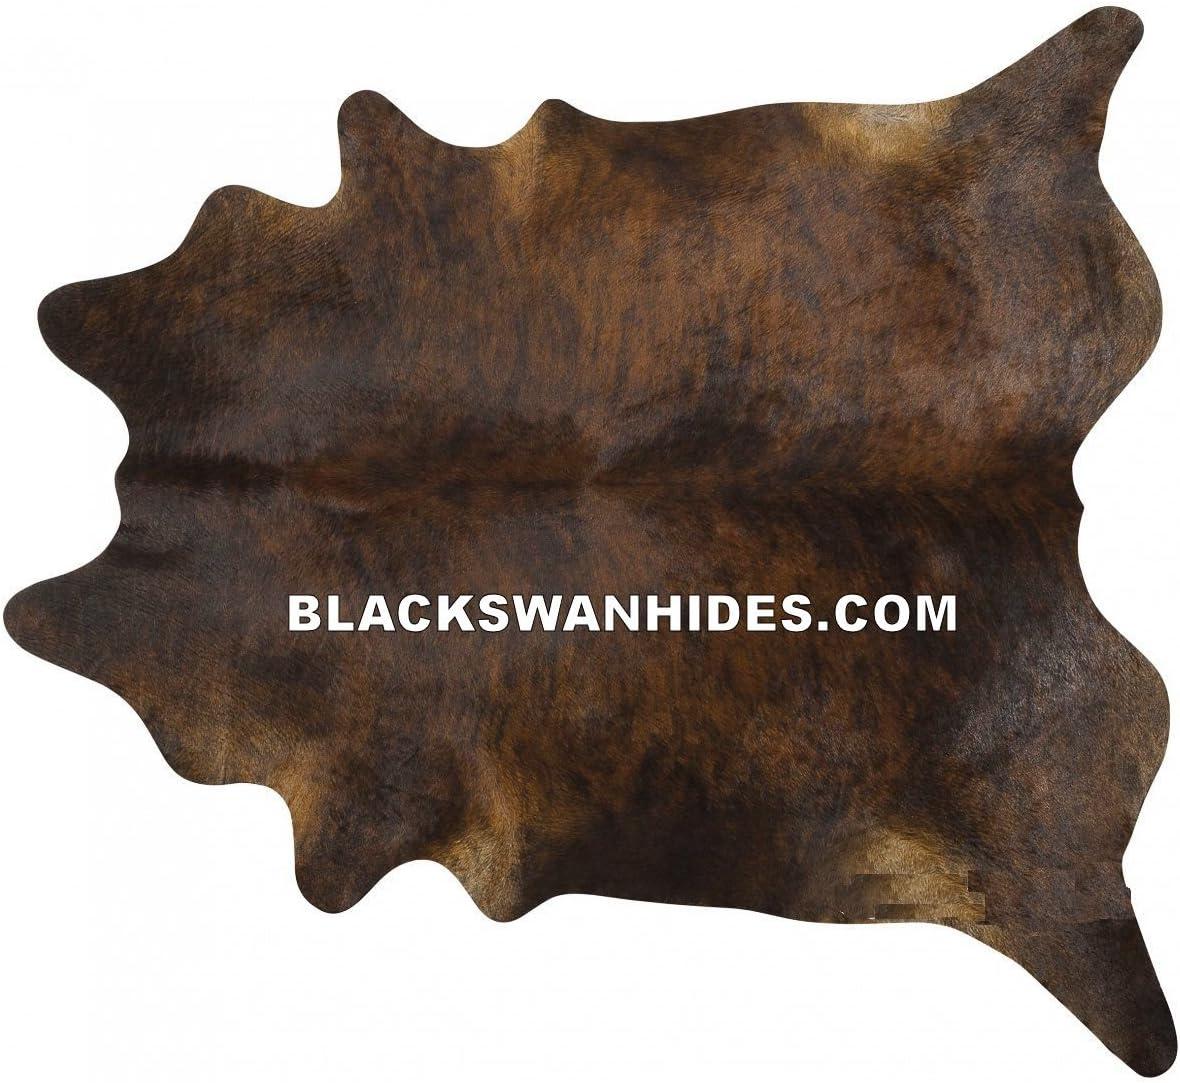 Bds Dark Brindle Brazilian Cowhide Rug Cow Hide Skin Leather Area Rug – by BlackSwanHides